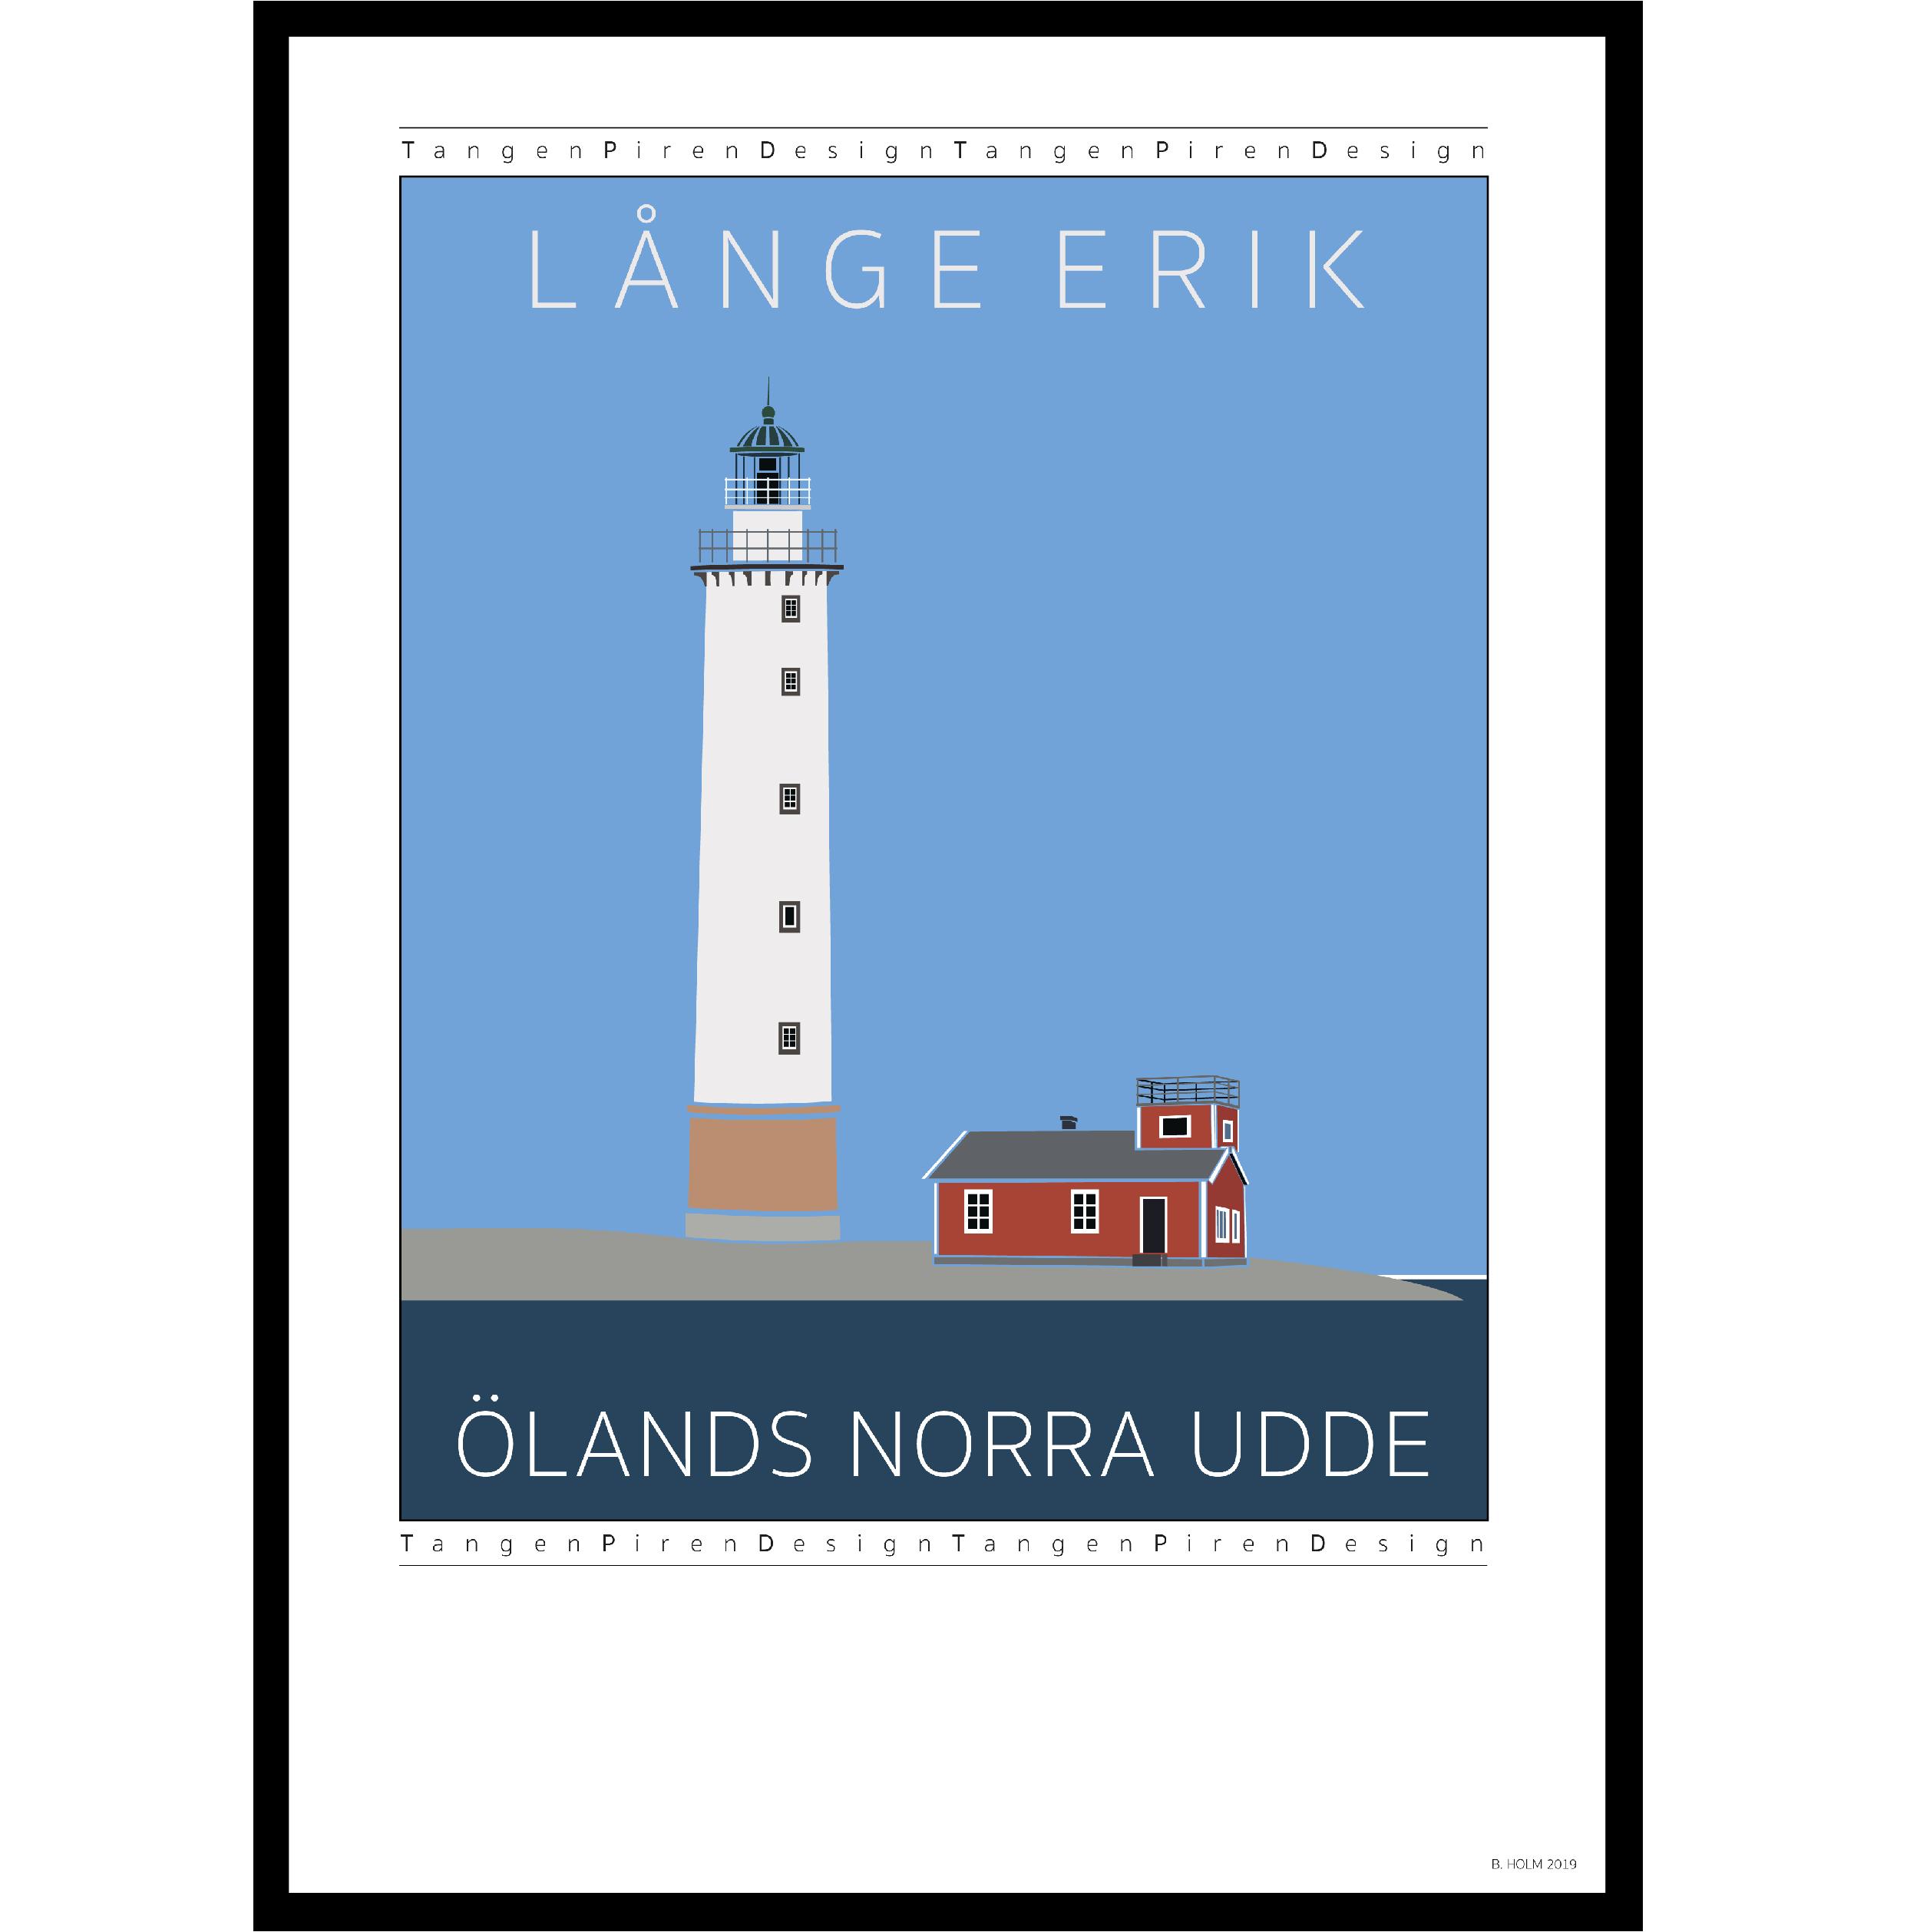 A000 Poster Långe Erik